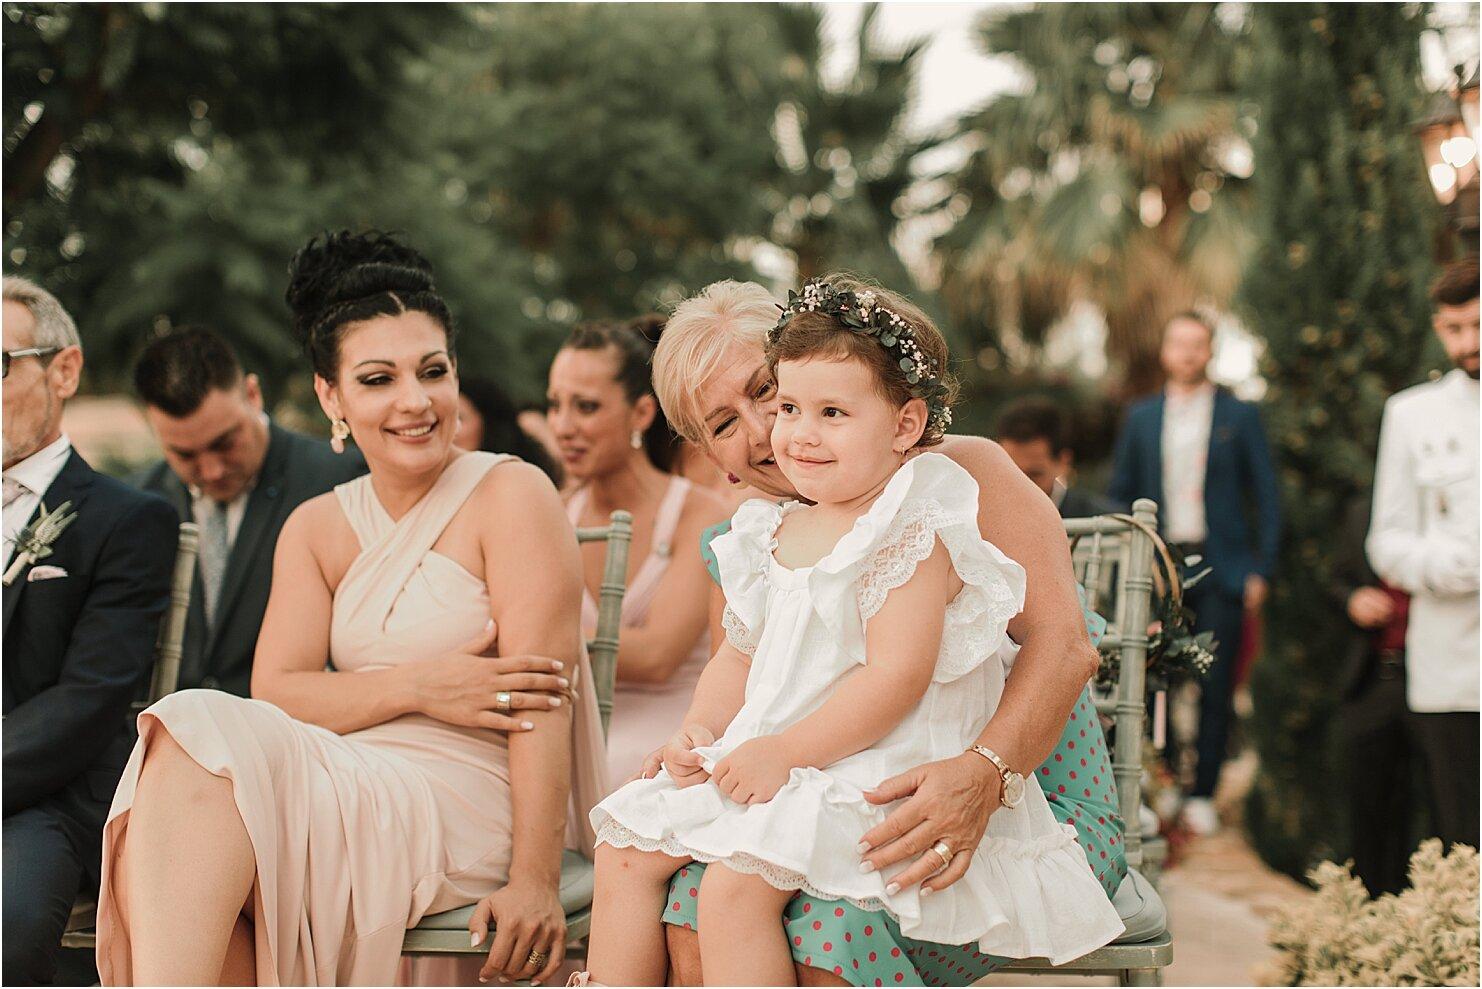 boda-romantica-boda-boho-vestido-de-novia-laura-lomas27.jpg